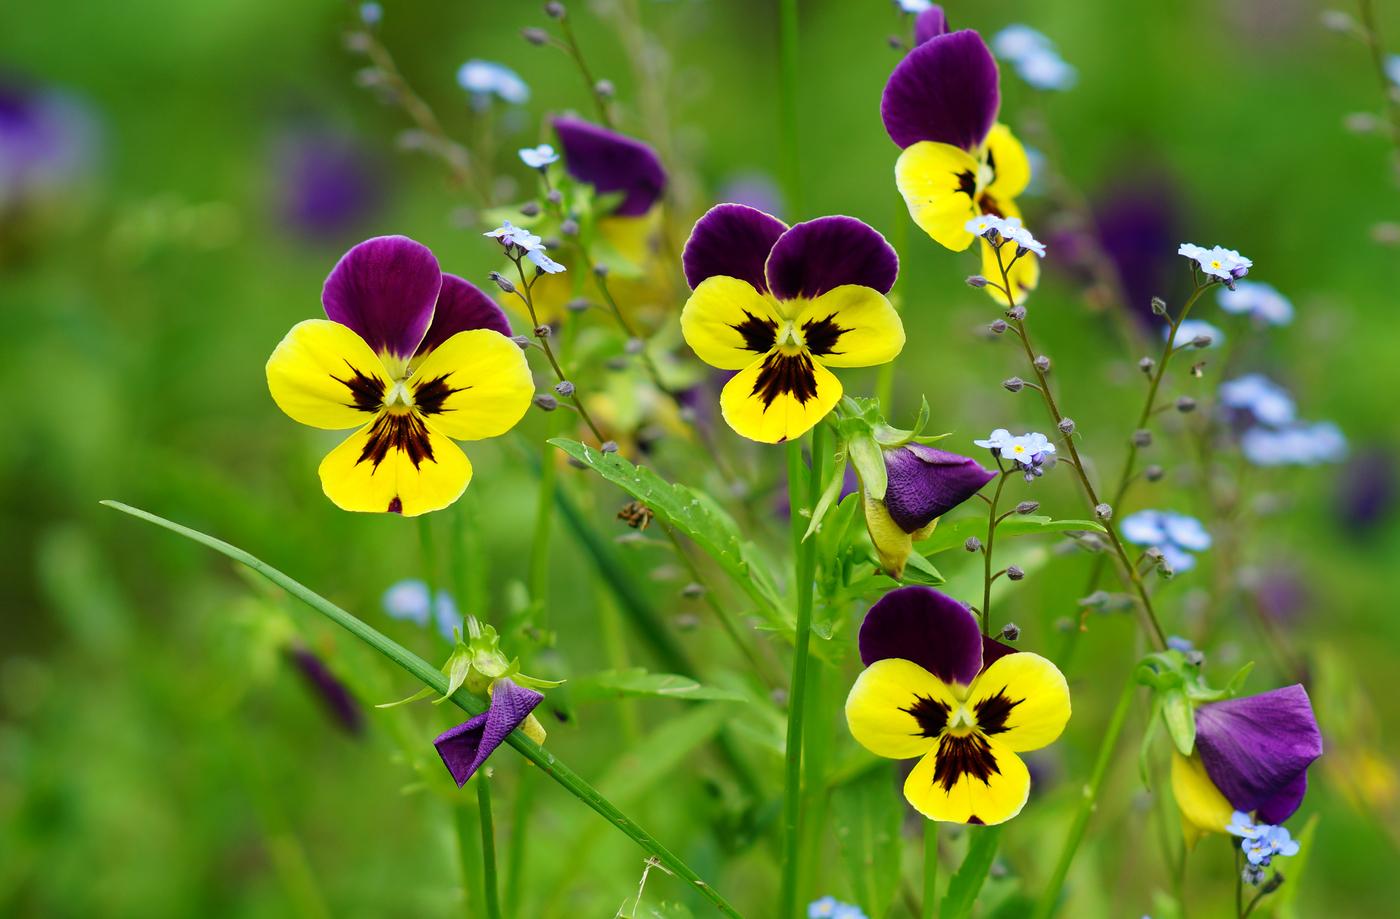 цветы анютины глазки с картинками оценили смелость девушки